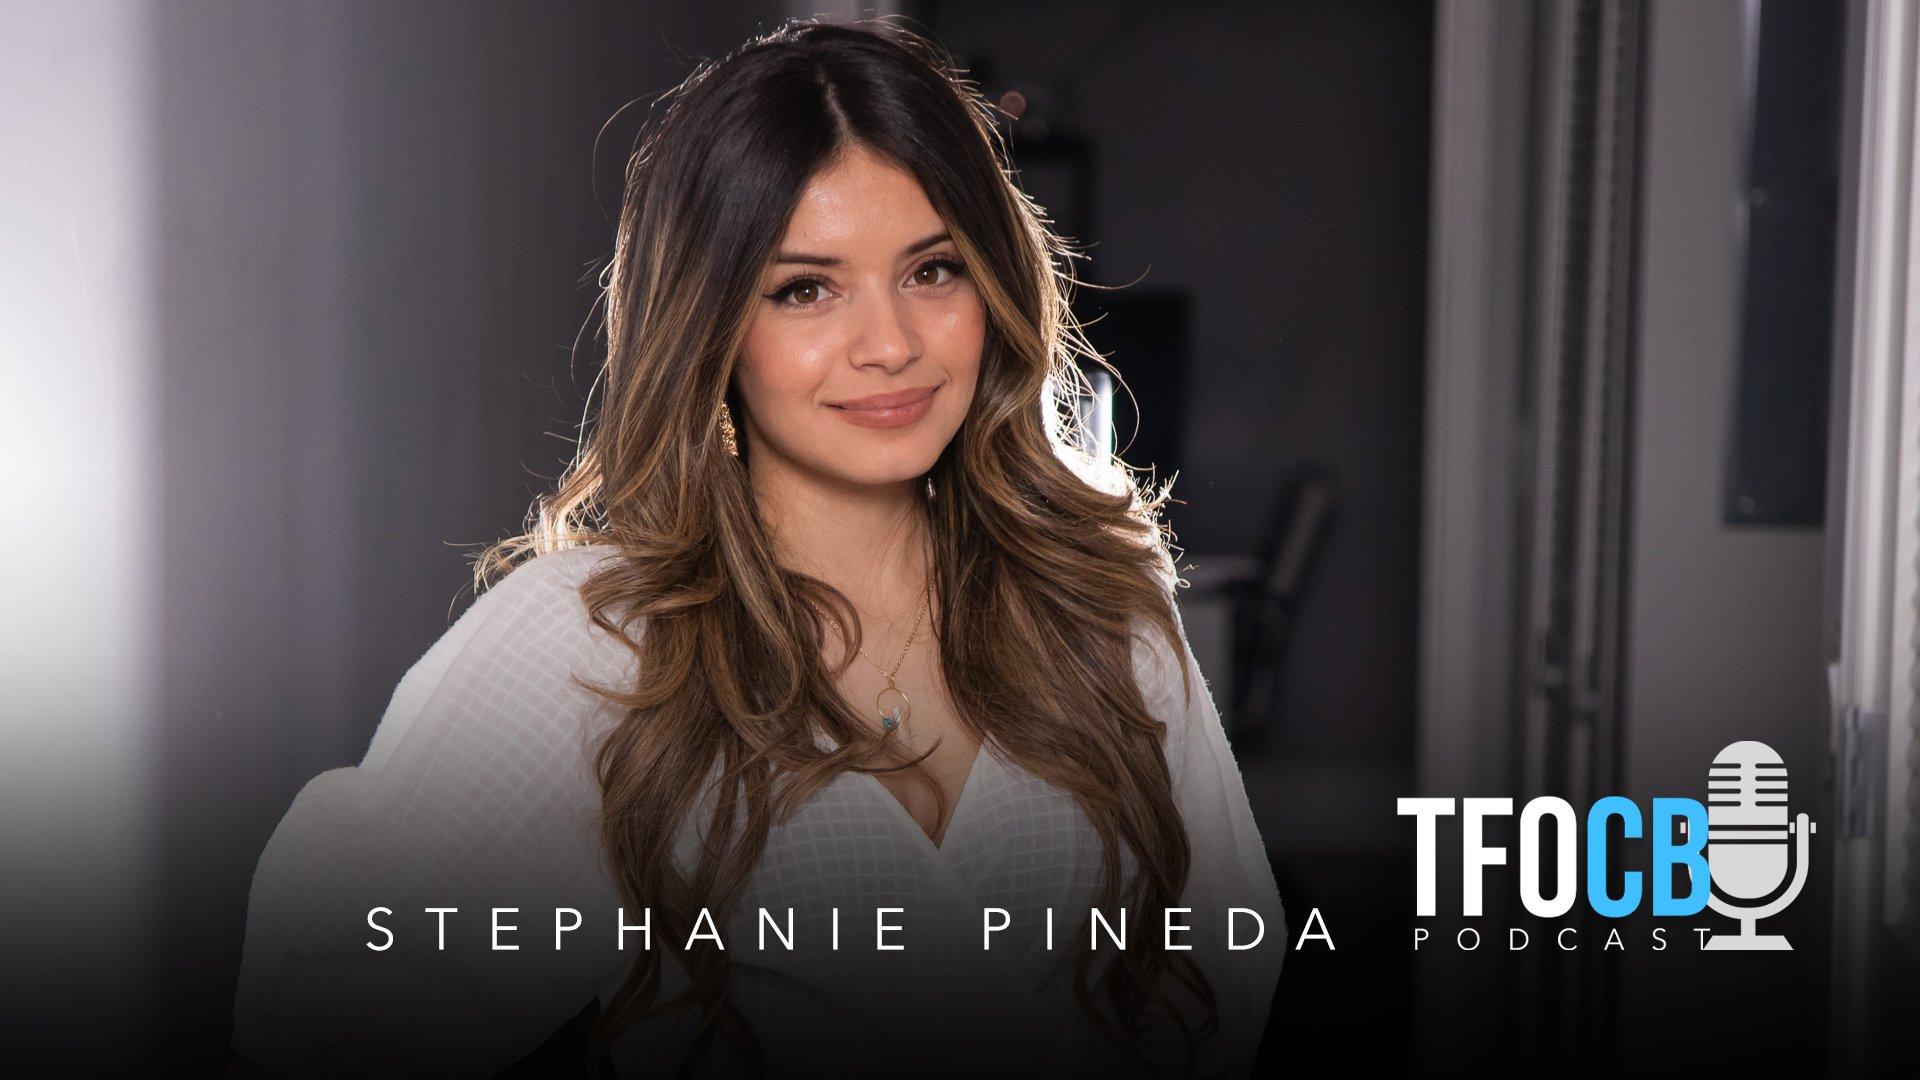 tfocbpodcast - stephanie pineda